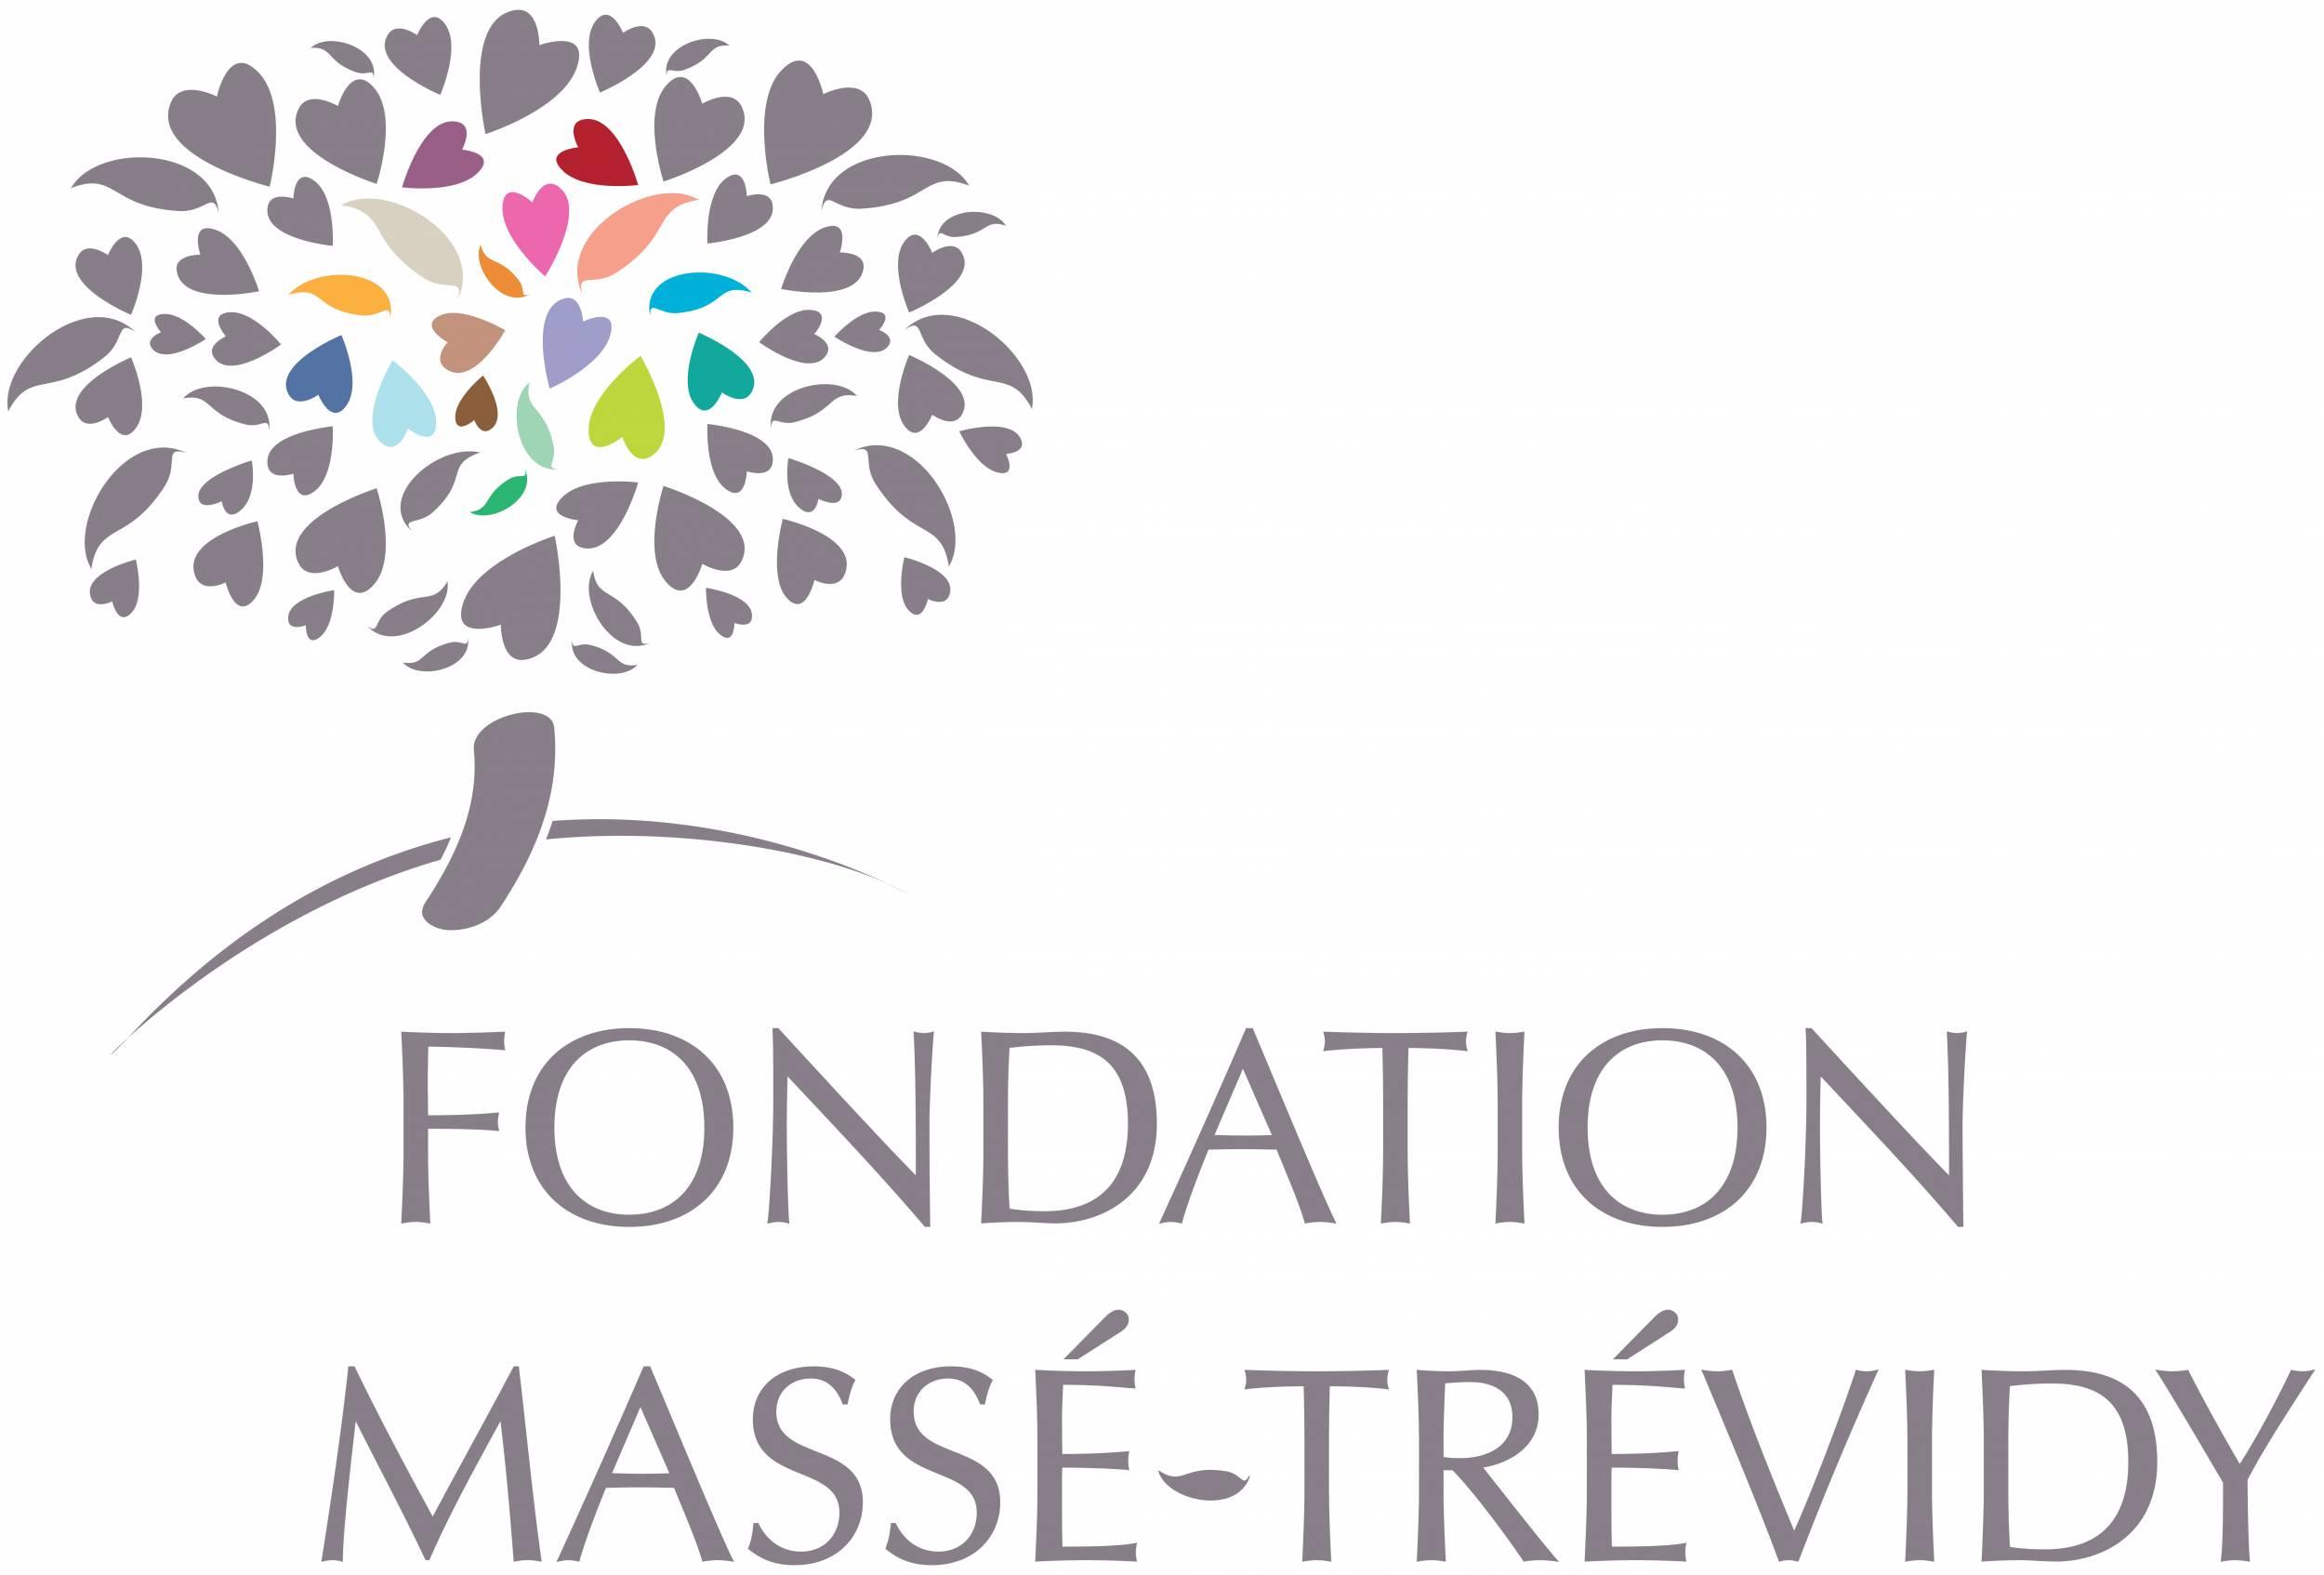 Fondation Massé-Trevidy